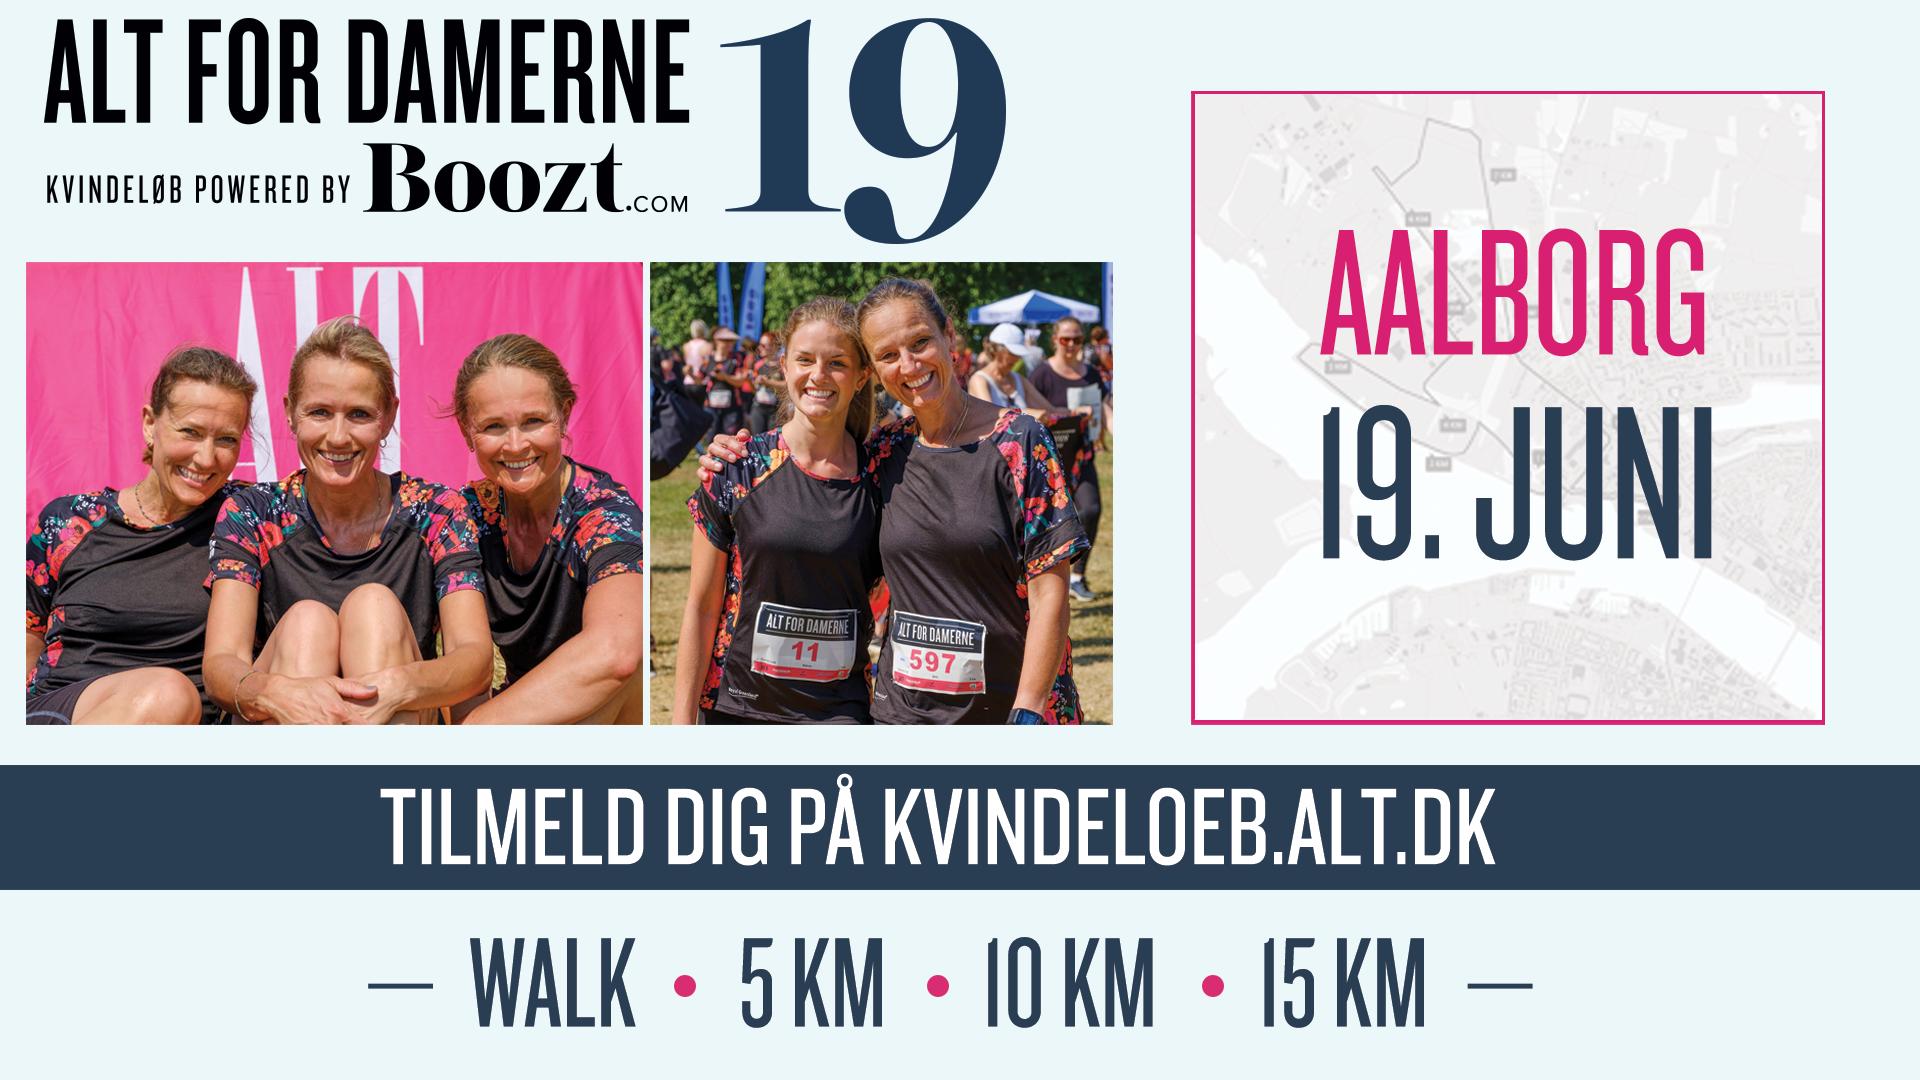 ALT for damernes kvindeløb – Aalborg